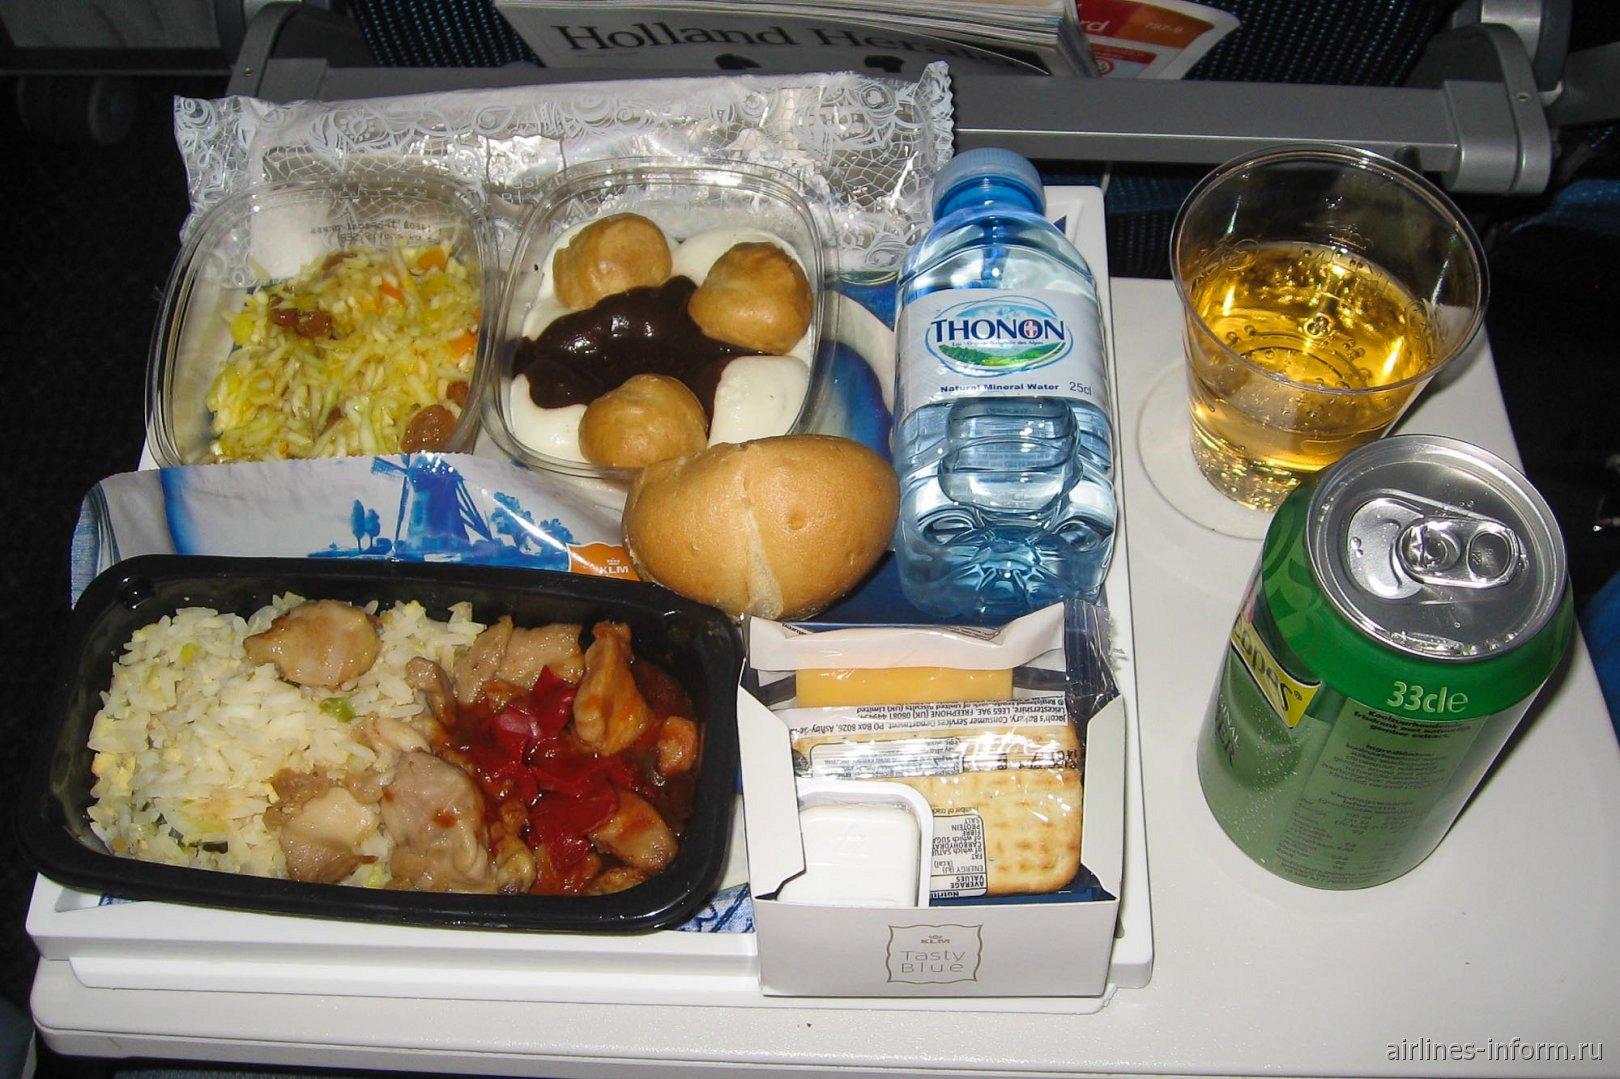 Бортовое питание на рейсе Амстердам-Торонто авиакомпании KLM